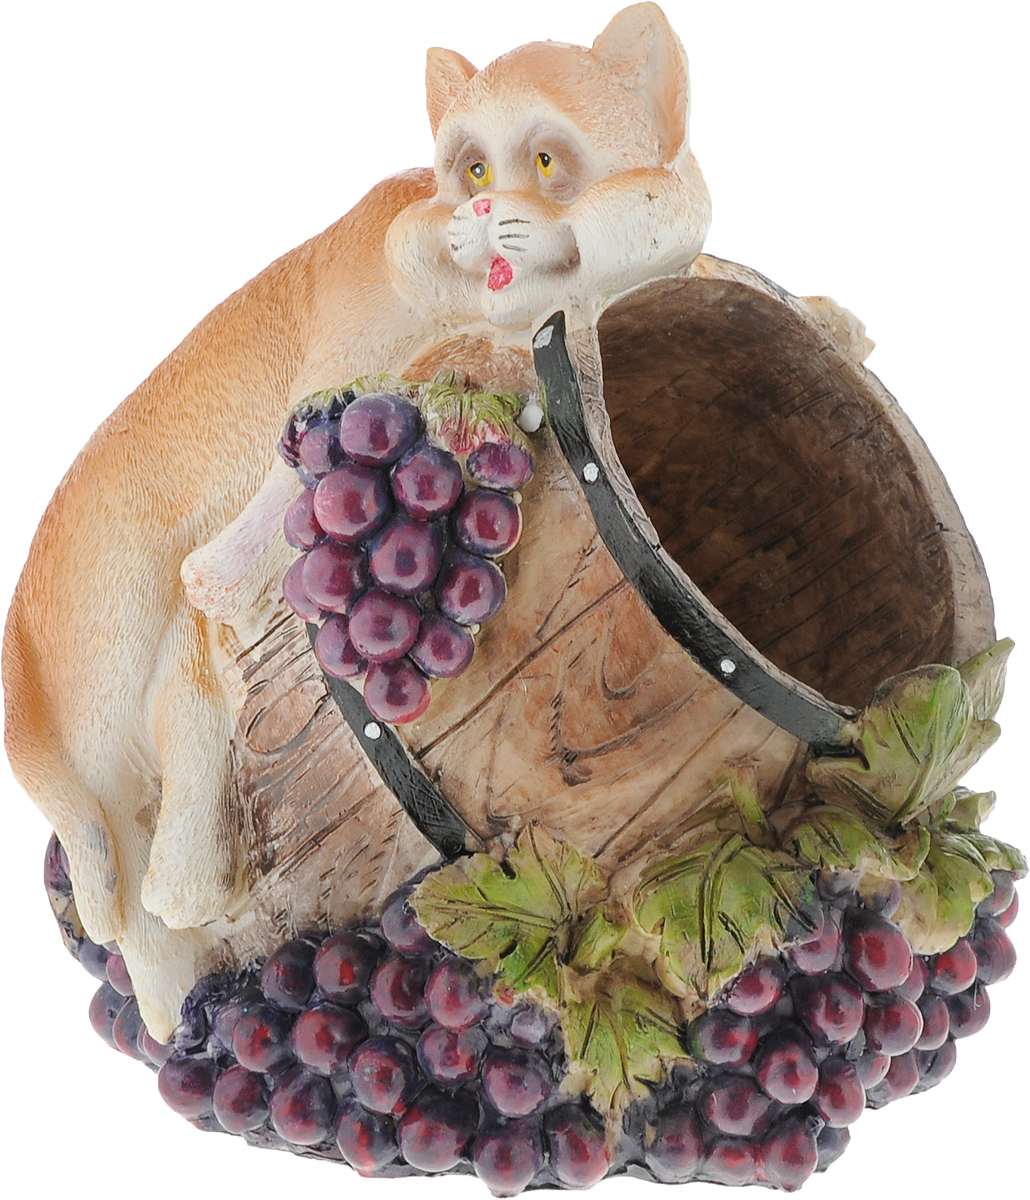 """Подставка для вина Drivemotion """"Нежный кот"""", выполненная из высококачественного полистоуна, порадует вас и ваших гостей своим великолепным дизайном и яркими красками. Поместите винную бутылку в эту красивую подставку, и гости не только надолго запомнят ваше мероприятие, но и будут рассказывать о нем другим. Эта замечательная подставка может стать великолепным штрихом к вашему празднику."""